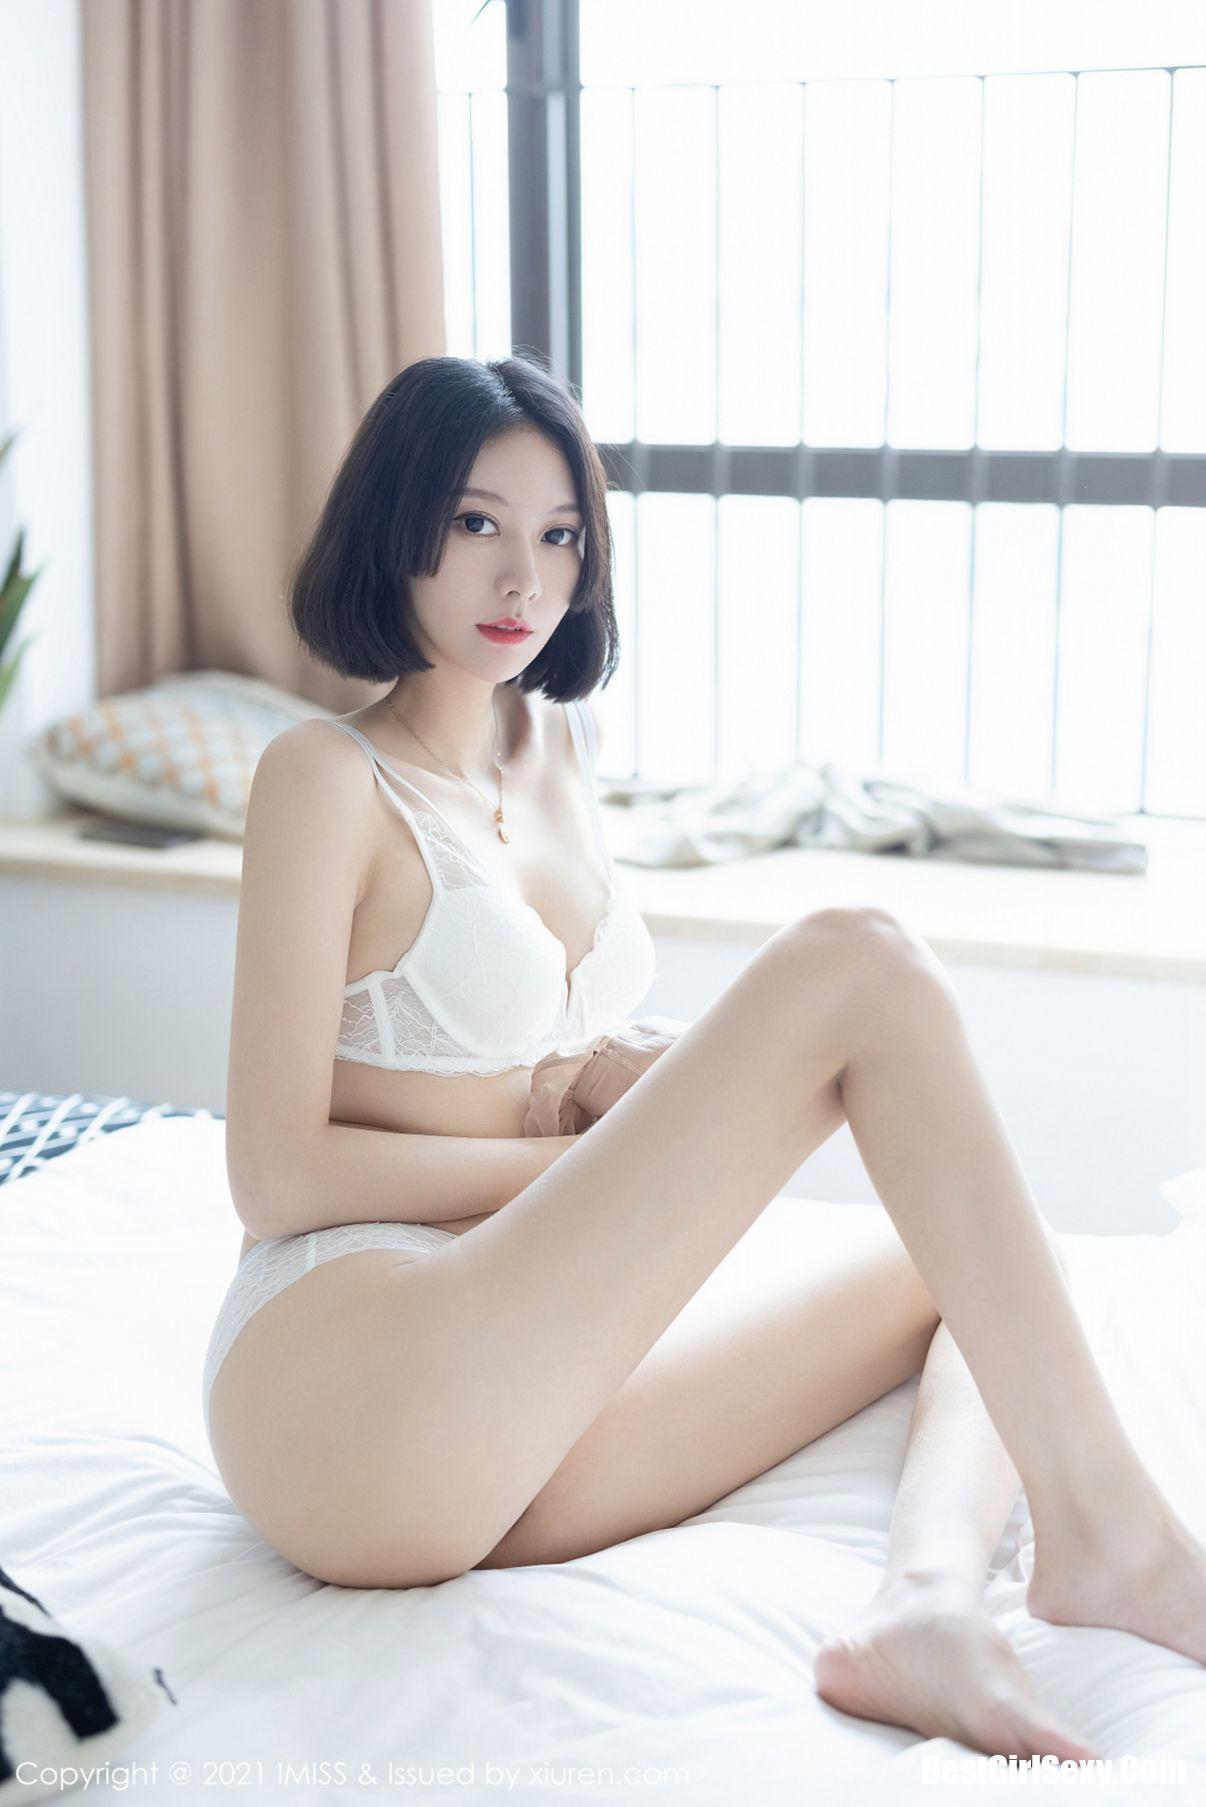 艺轩, IMiss爱蜜社 Vol.595 Fu Yi Xuan, IMiss爱蜜社 Vol.595, Fu Yi Xuan